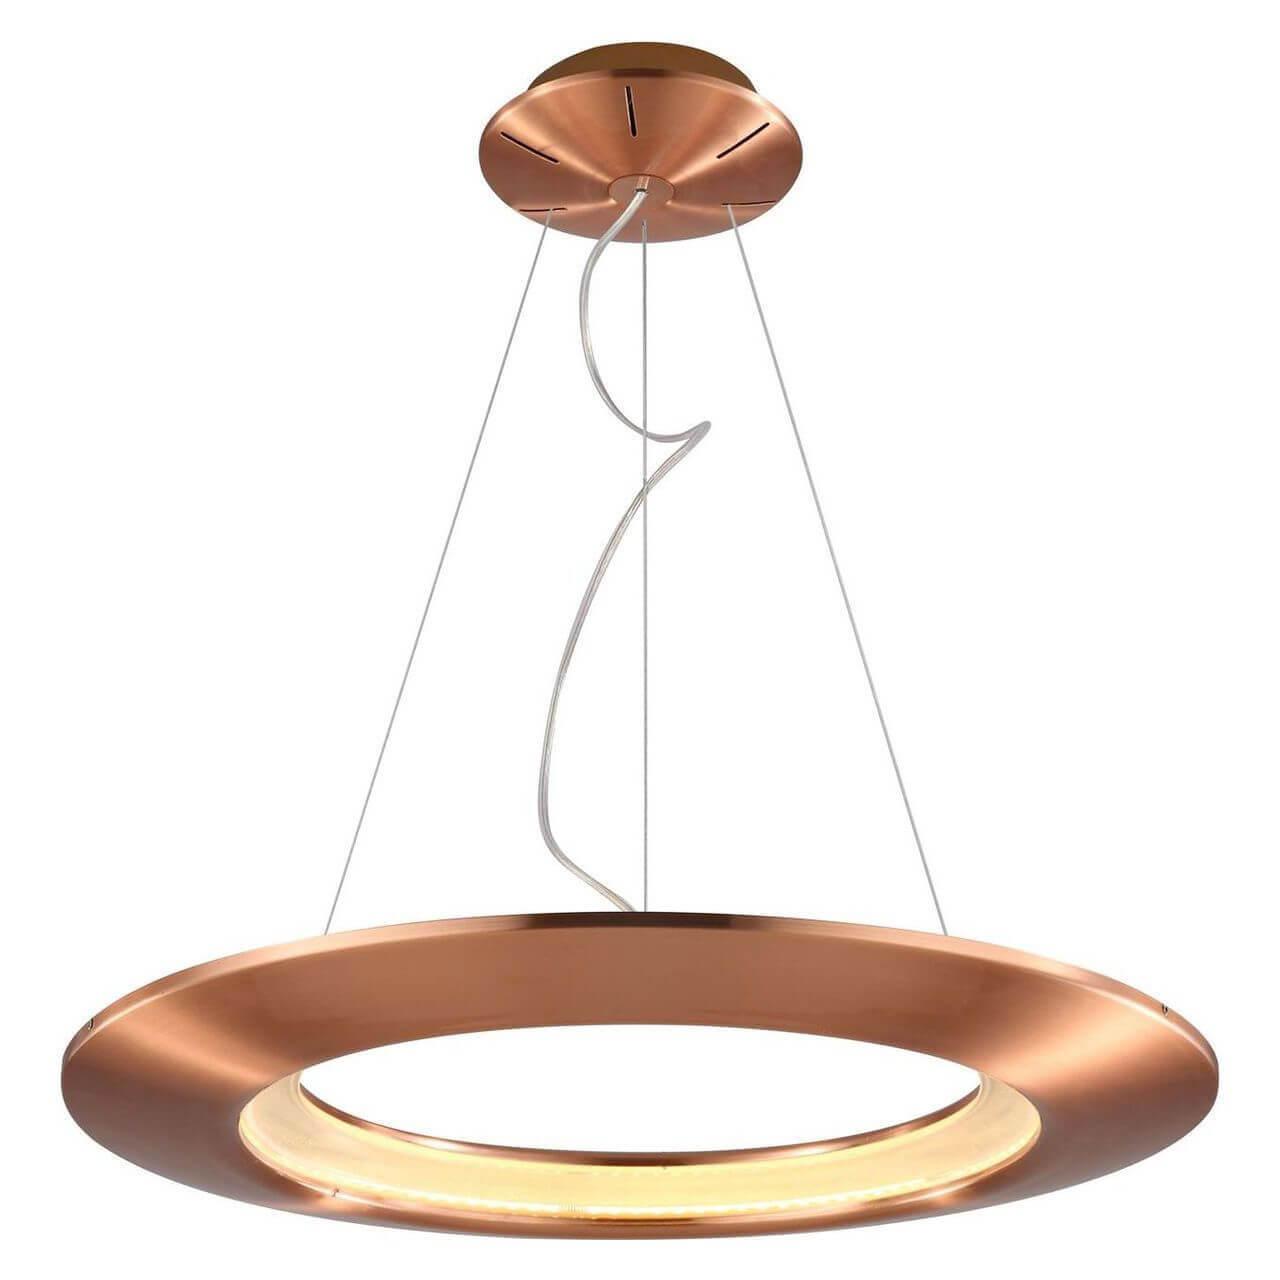 купить Подвесной светодиодный светильник Horoz Concept-41 розовый 019-010-0041 по цене 21641 рублей